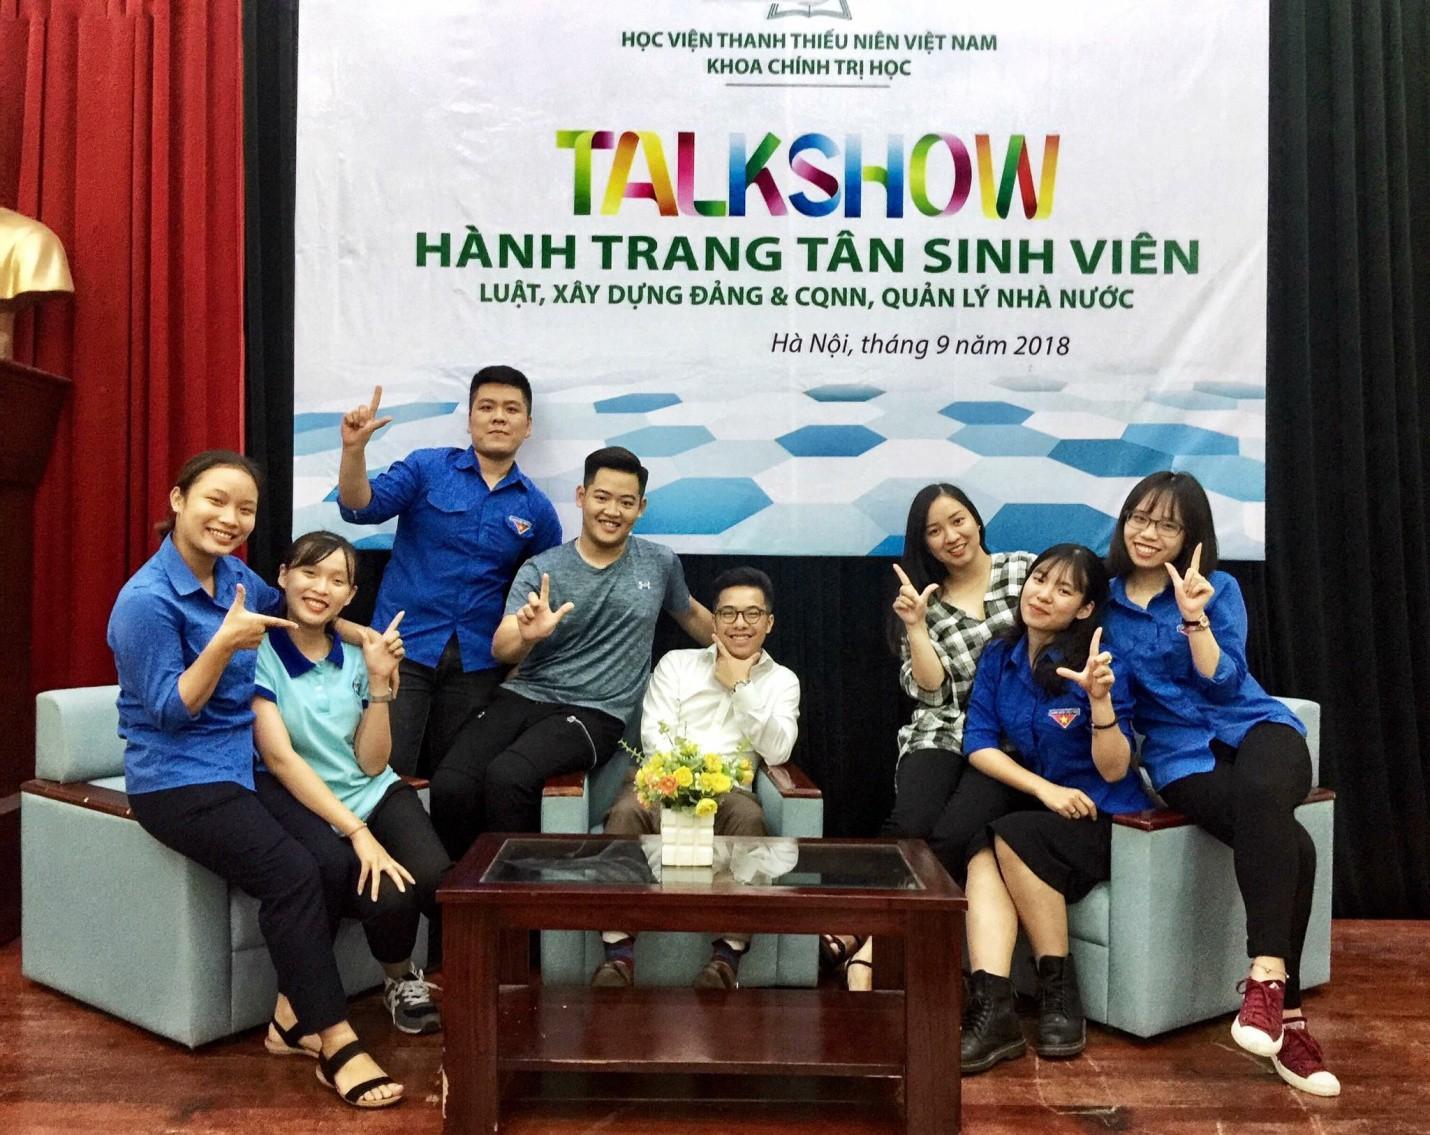 """""""Biệt đội"""" giảng viên trẻ 9x hút sinh viên rần rần tại Học viện Thanh thiếu niên Việt Nam - Ảnh 9."""